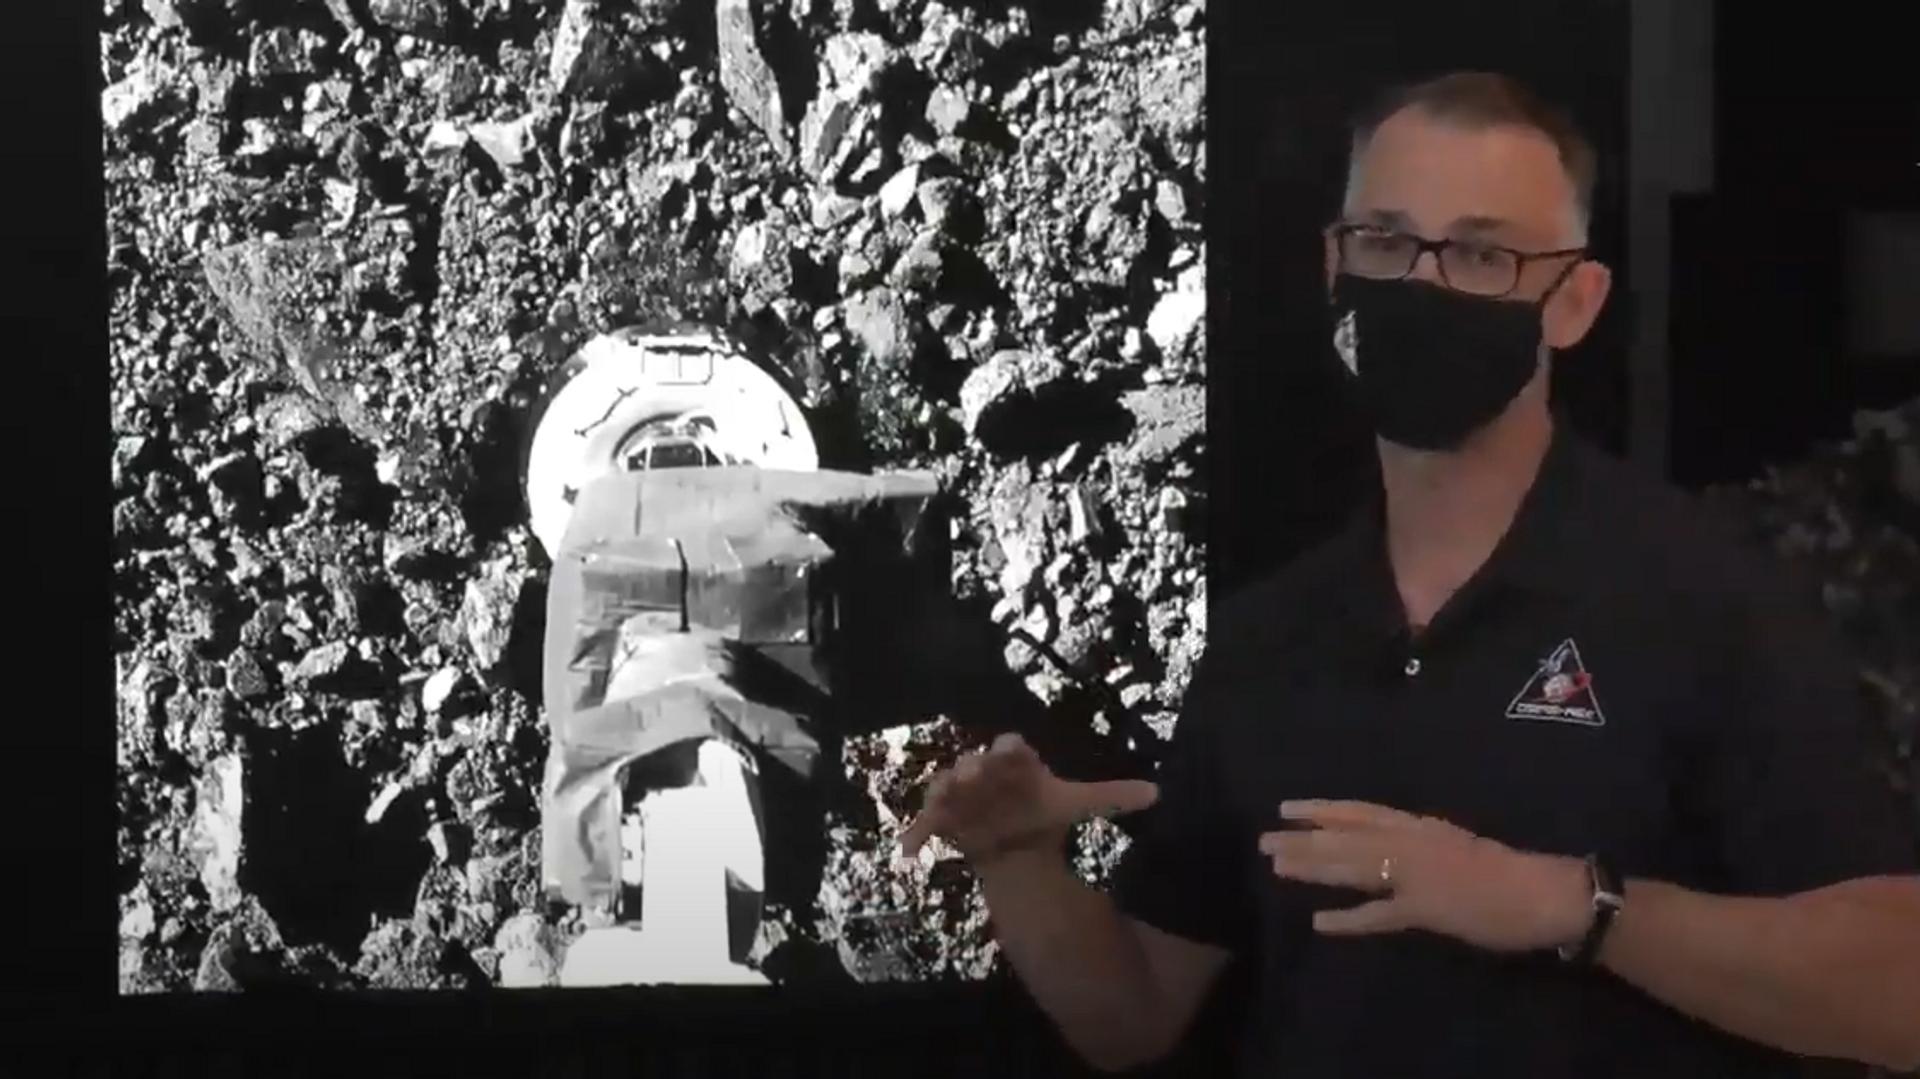 Прямая трансляция забора грунта автоматическим зондом Osiris-Rex с астероида Бенну - РИА Новости, 1920, 22.10.2020